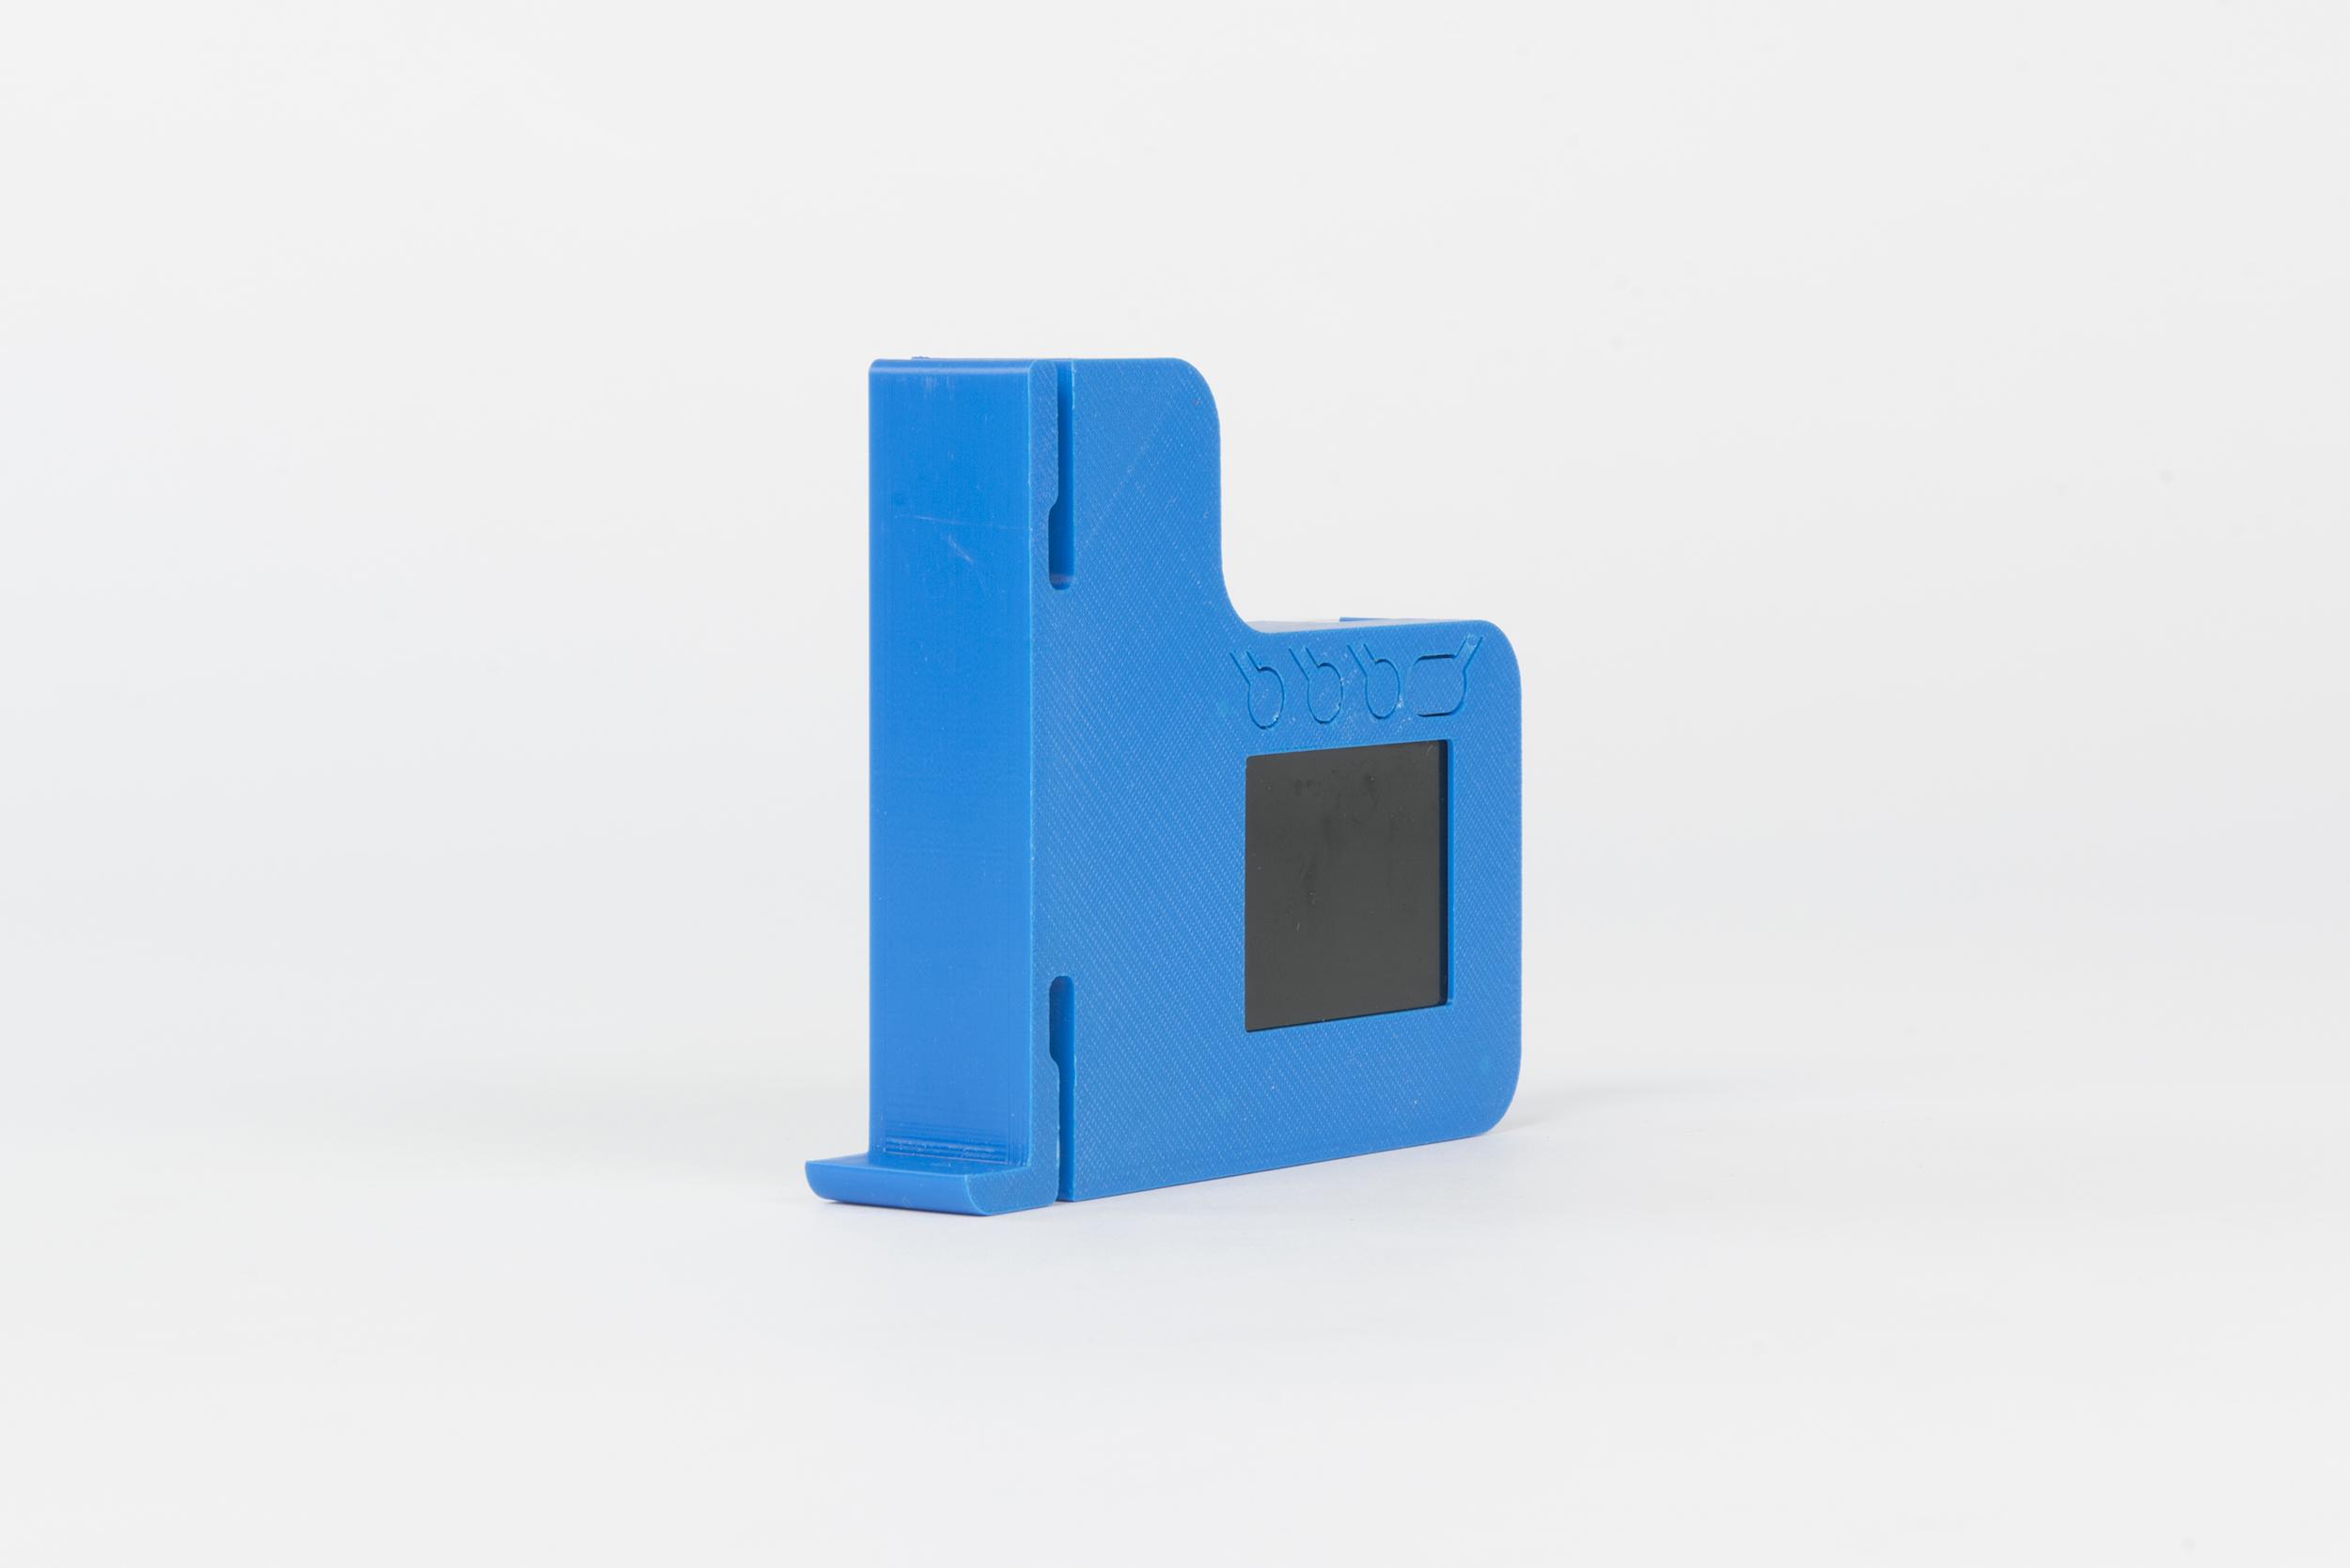 Battery Holder V1_4545.jpg